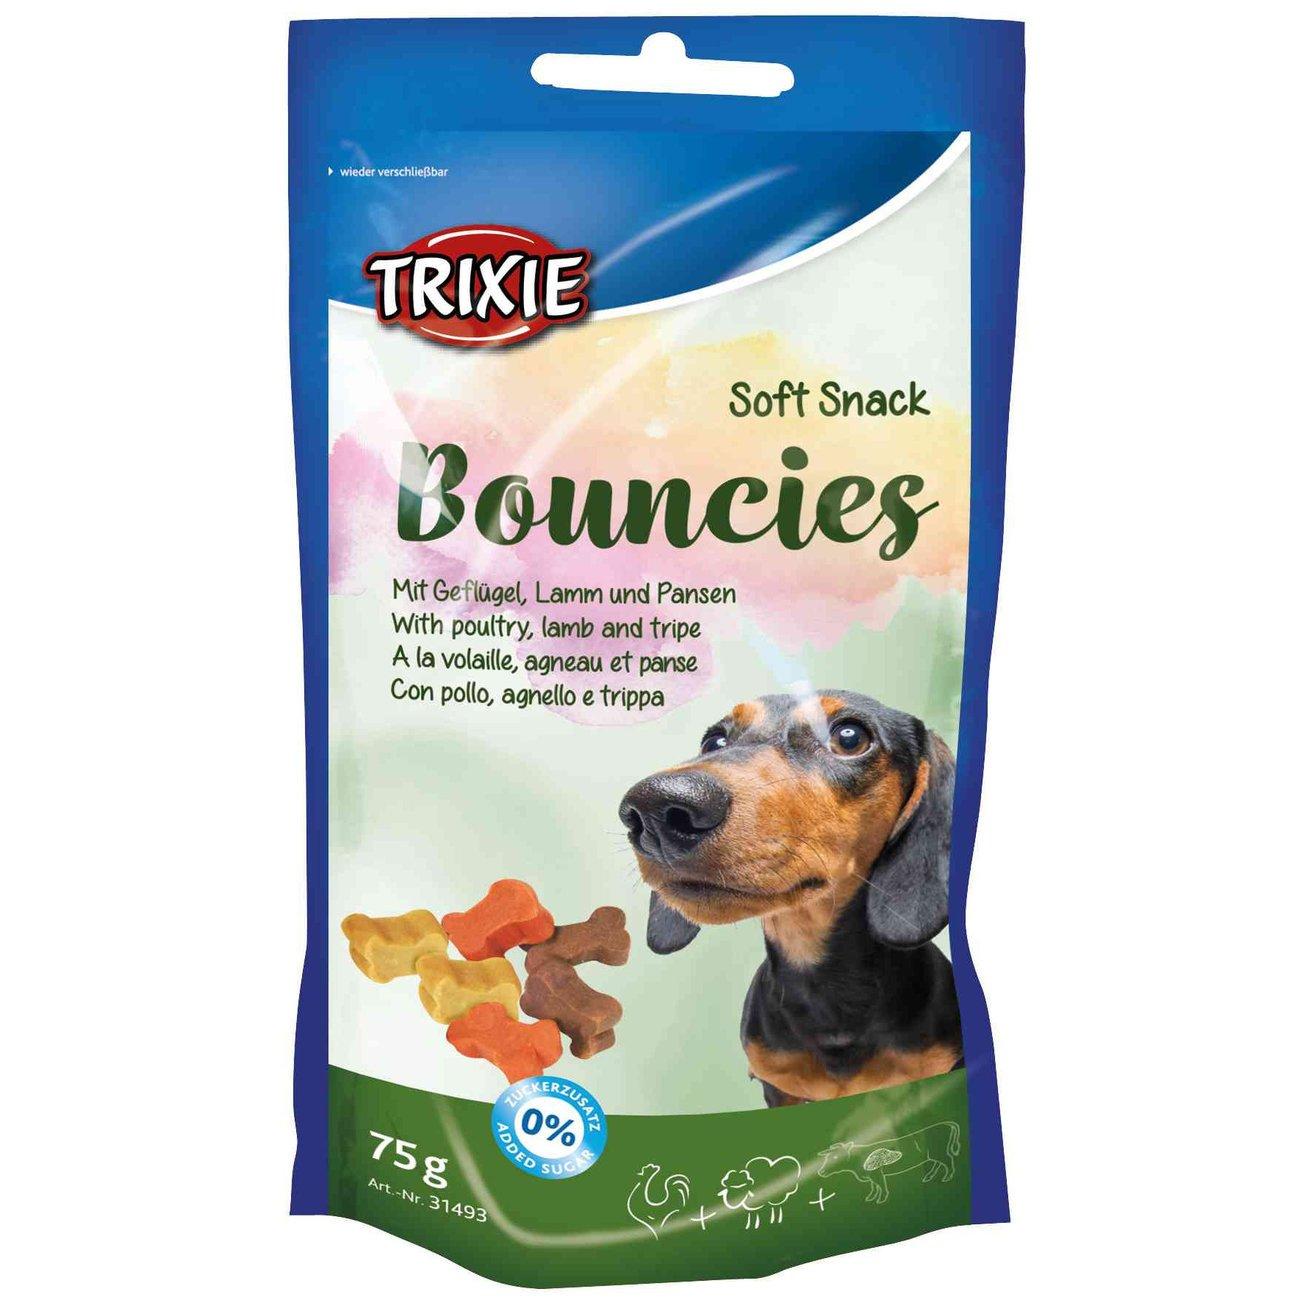 TRIXIE Soft Snack Bouncies Welpenleckerlies 31493